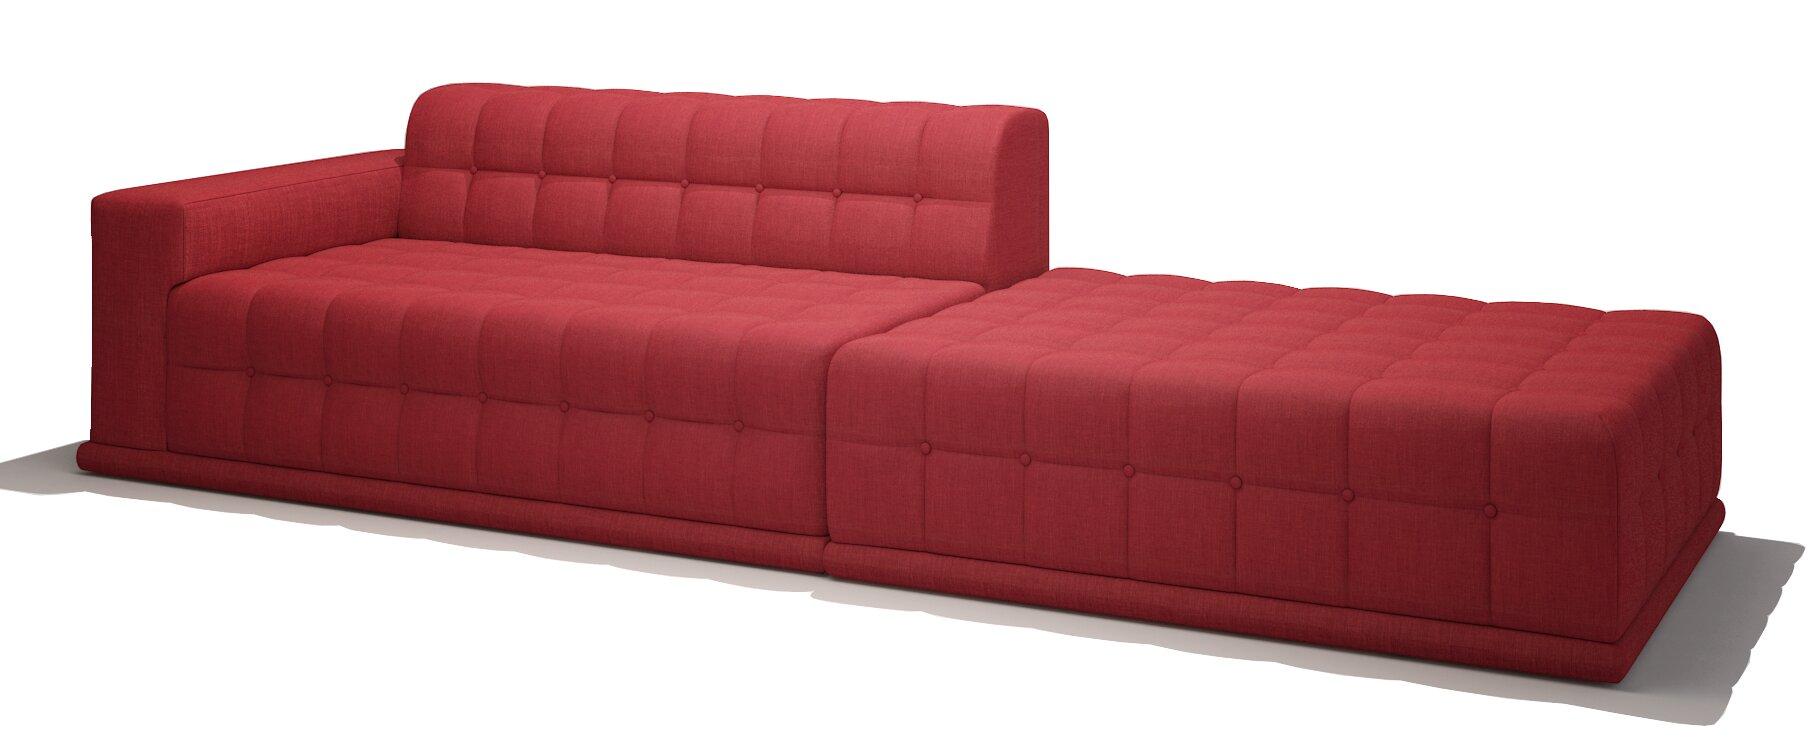 Truemodern Bump Bump One Arm Sofa With Chaise Reviews Wayfair ~ One Arm Sofa With Chaise